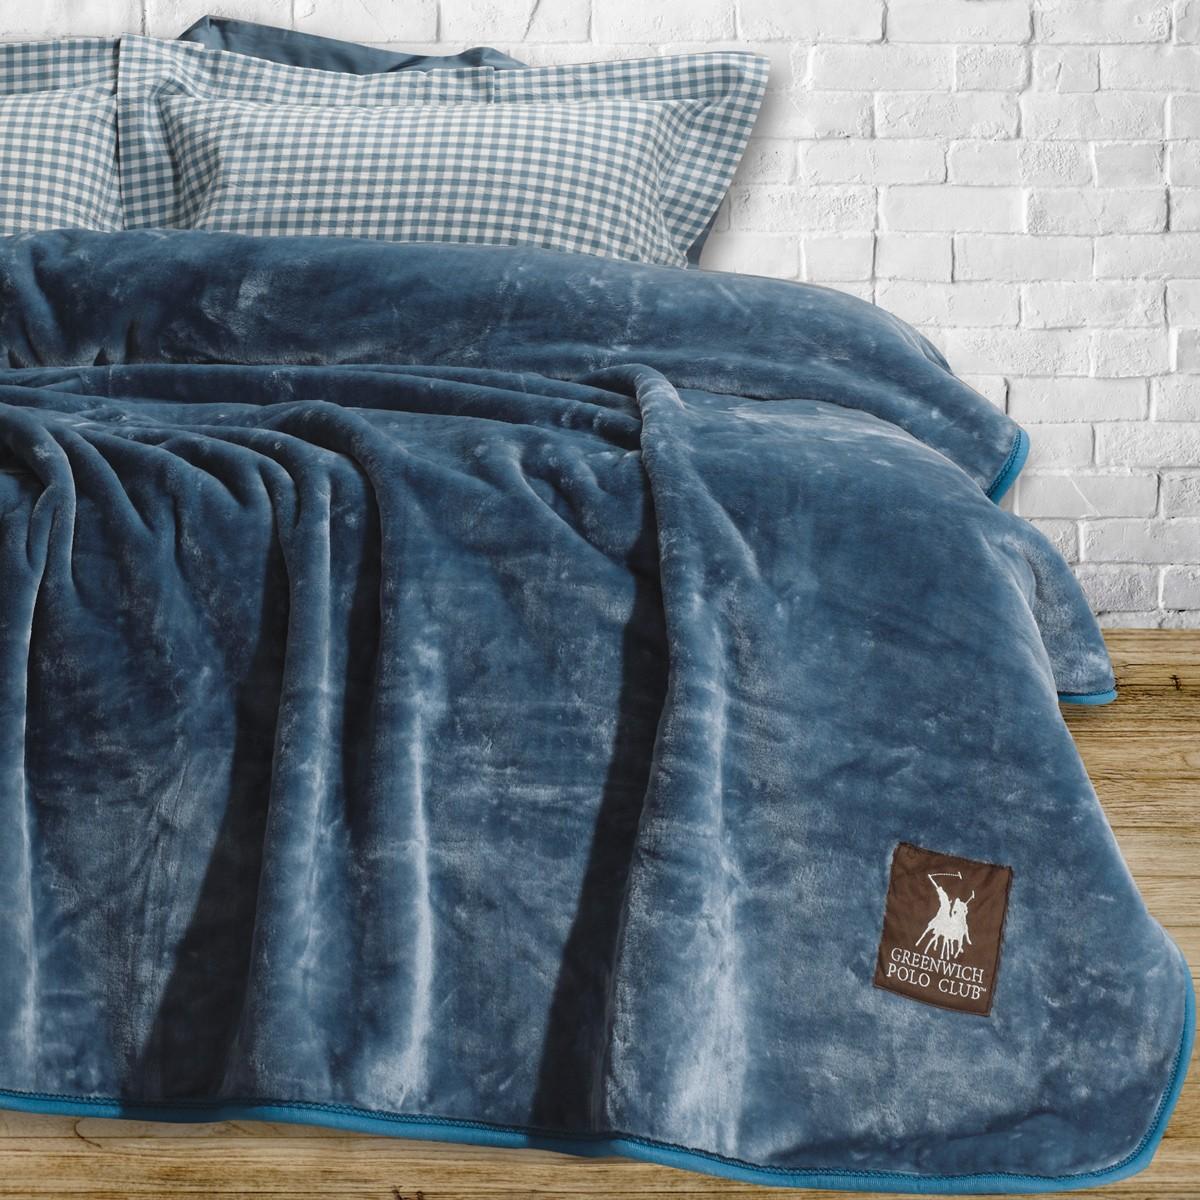 Κουβέρτα Βελουτέ Υπέρδιπλη Polo Club Essential Blanket 2404 home   κρεβατοκάμαρα   κουβέρτες   κουβέρτες βελουτέ υπέρδιπλες